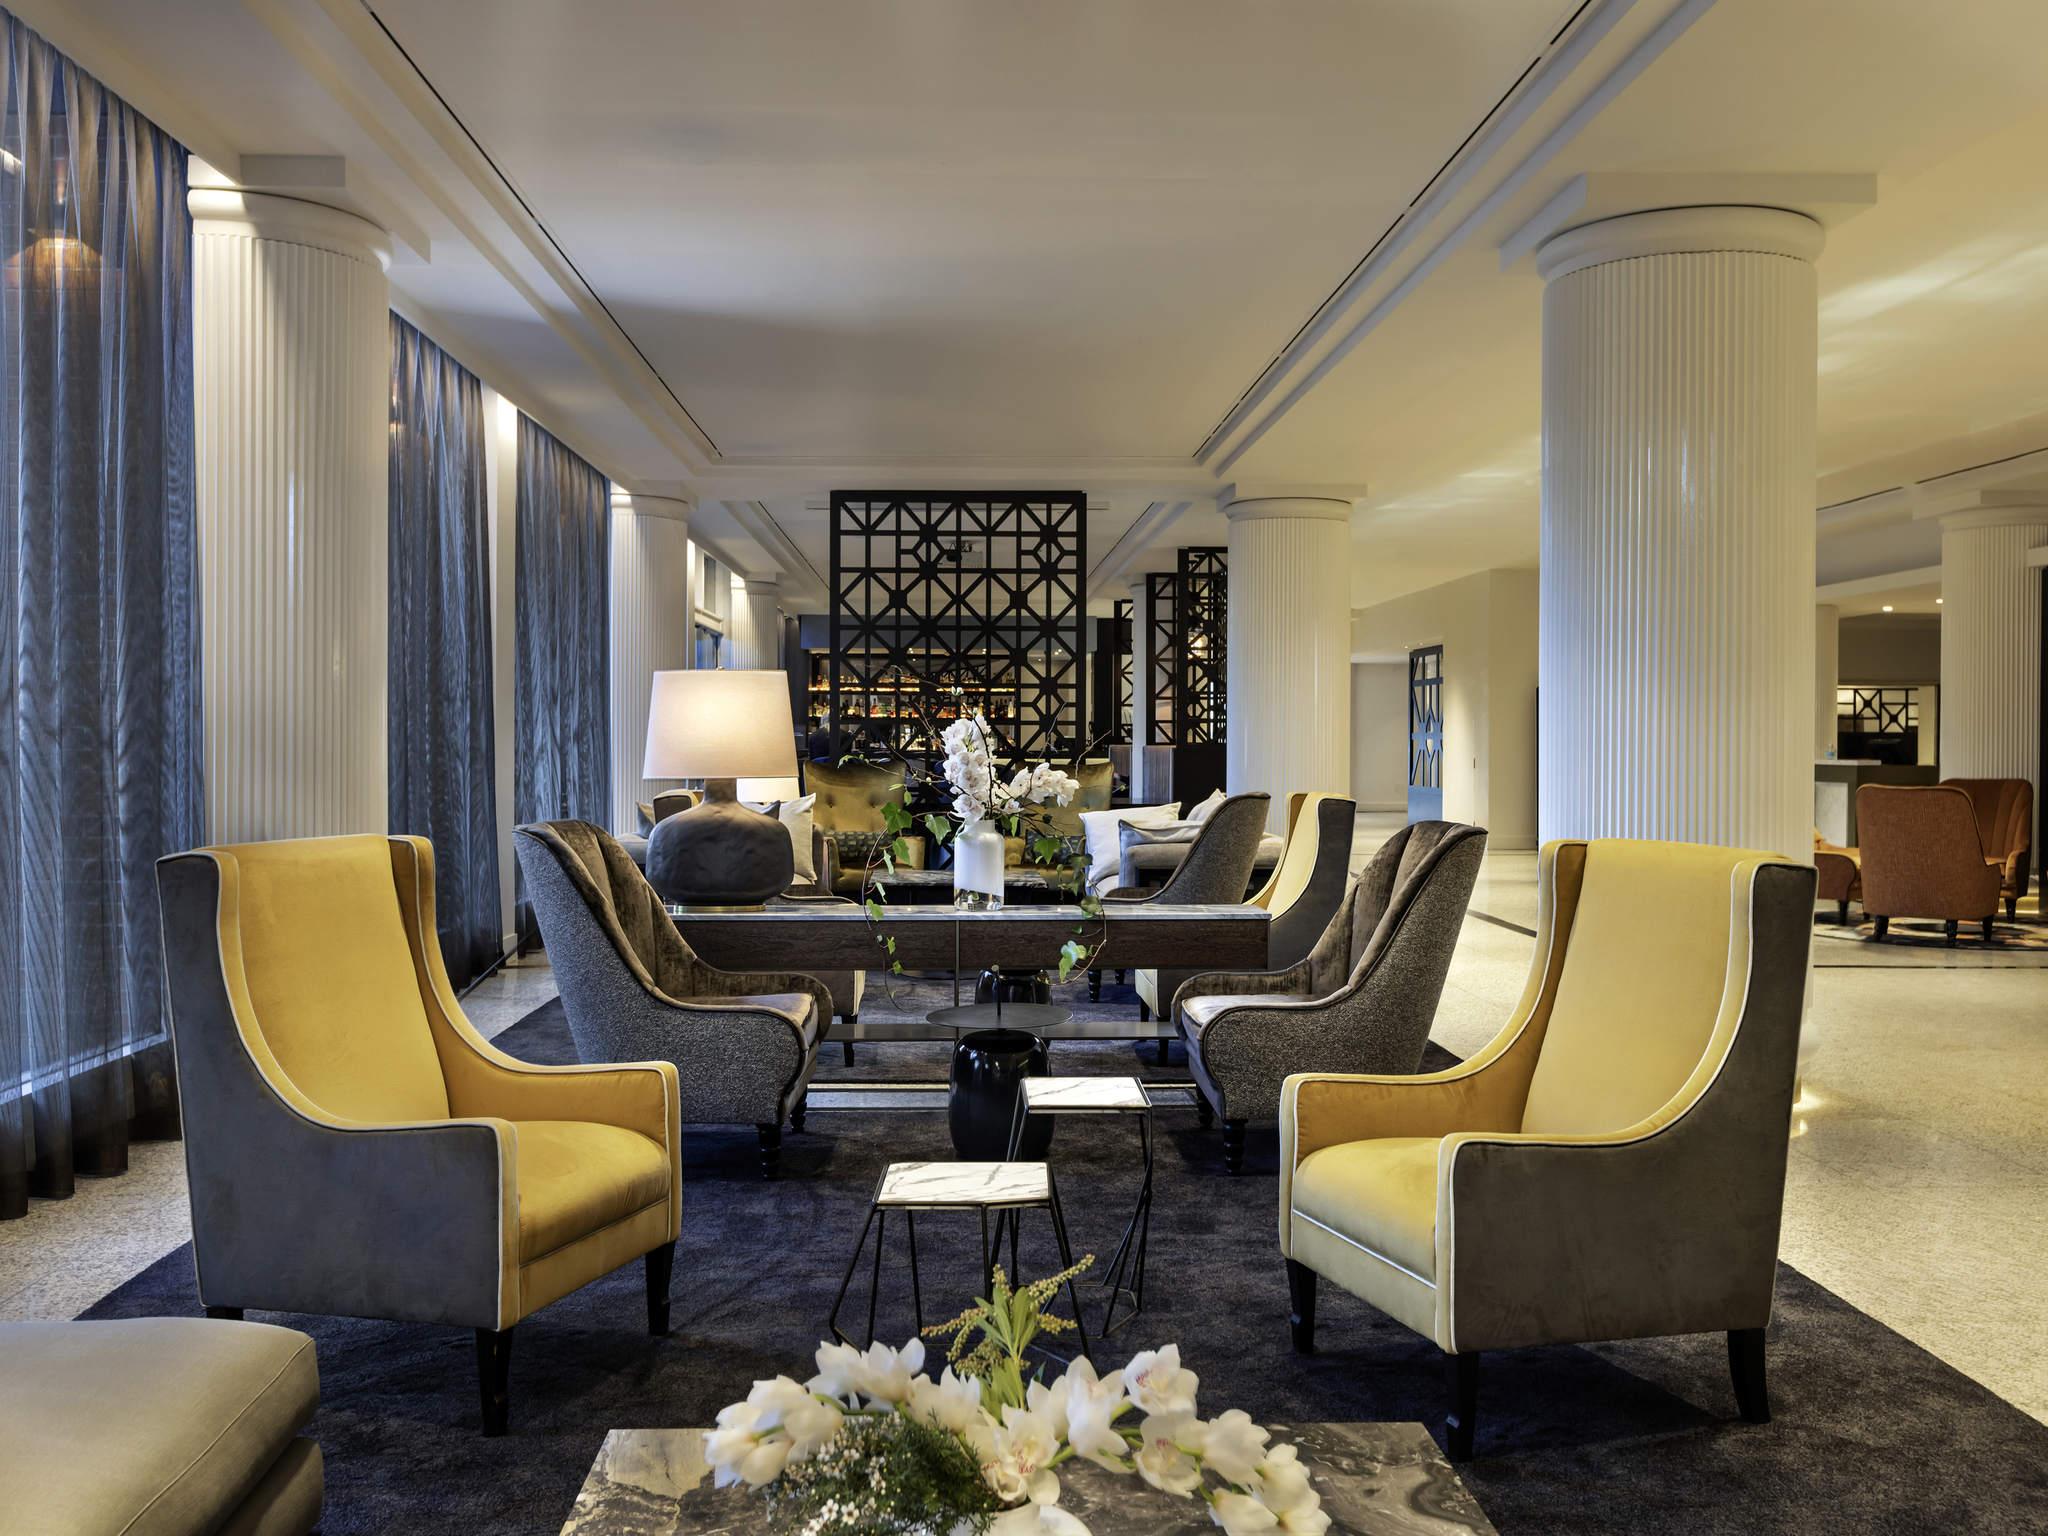 โรงแรม – พูลแมน โอ๊คแลนด์